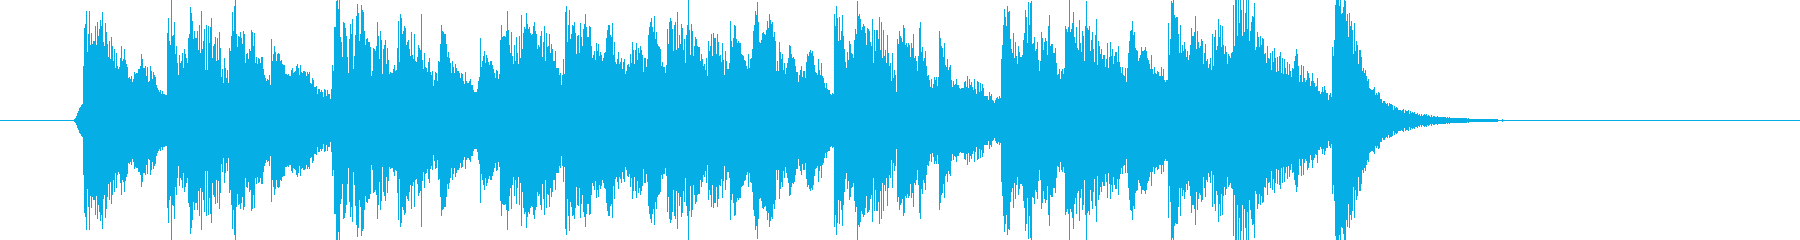 ラジオ風ジングル(1)の再生済みの波形